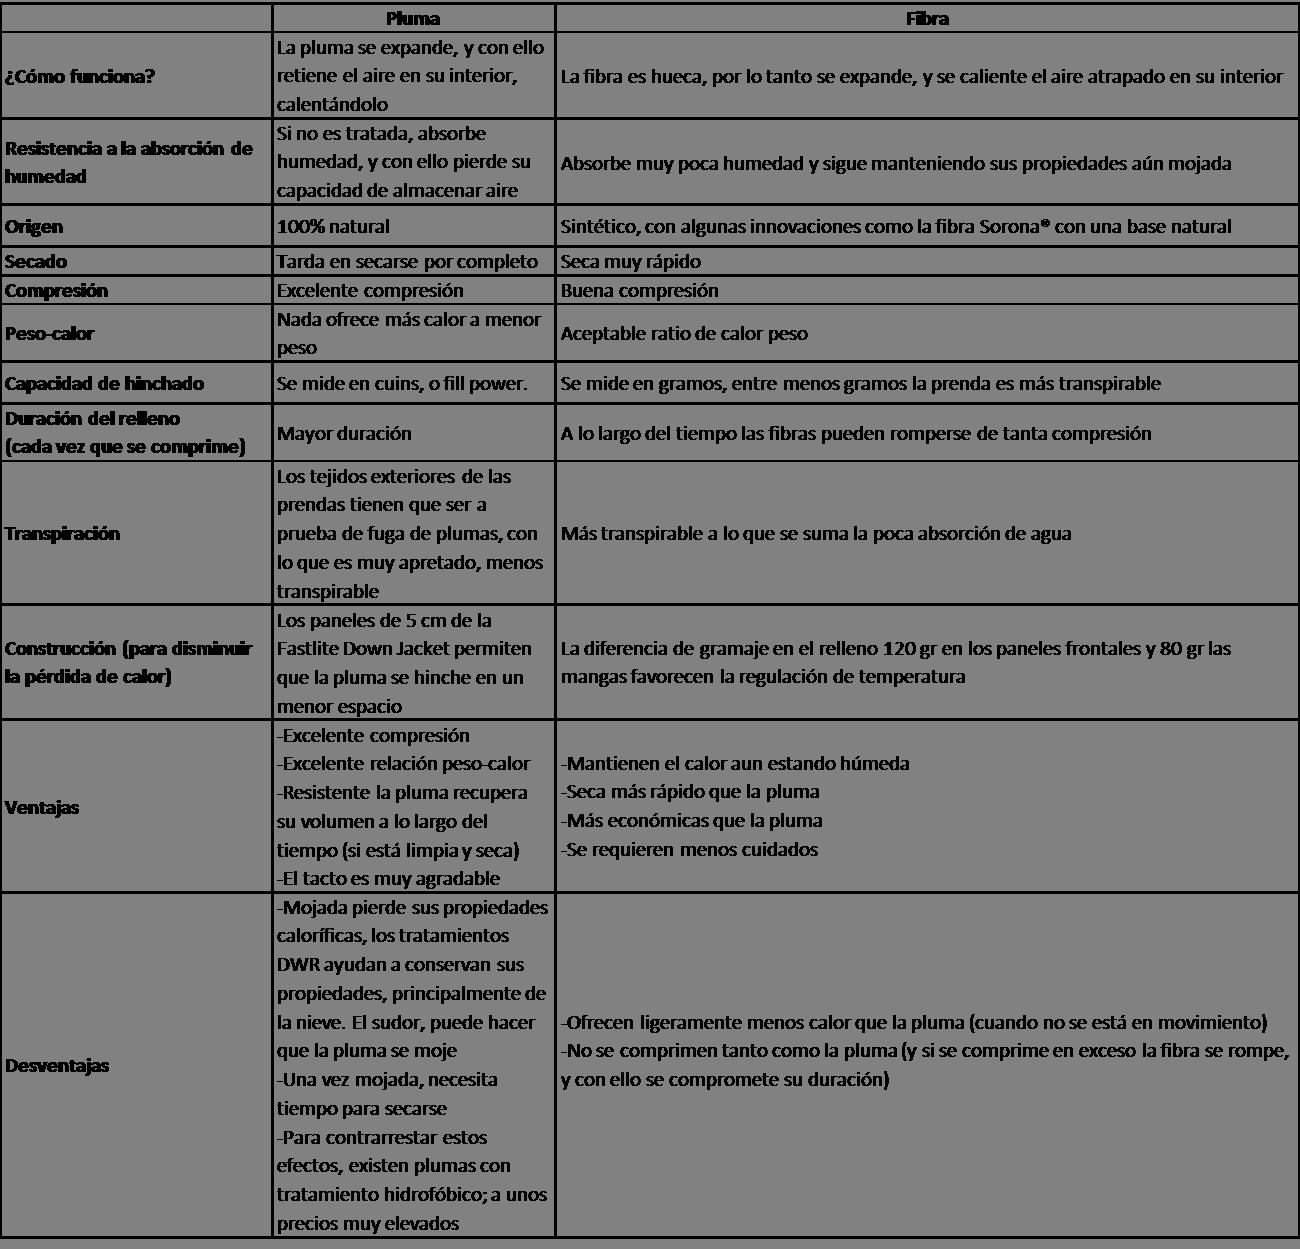 Pluma VS Fibra